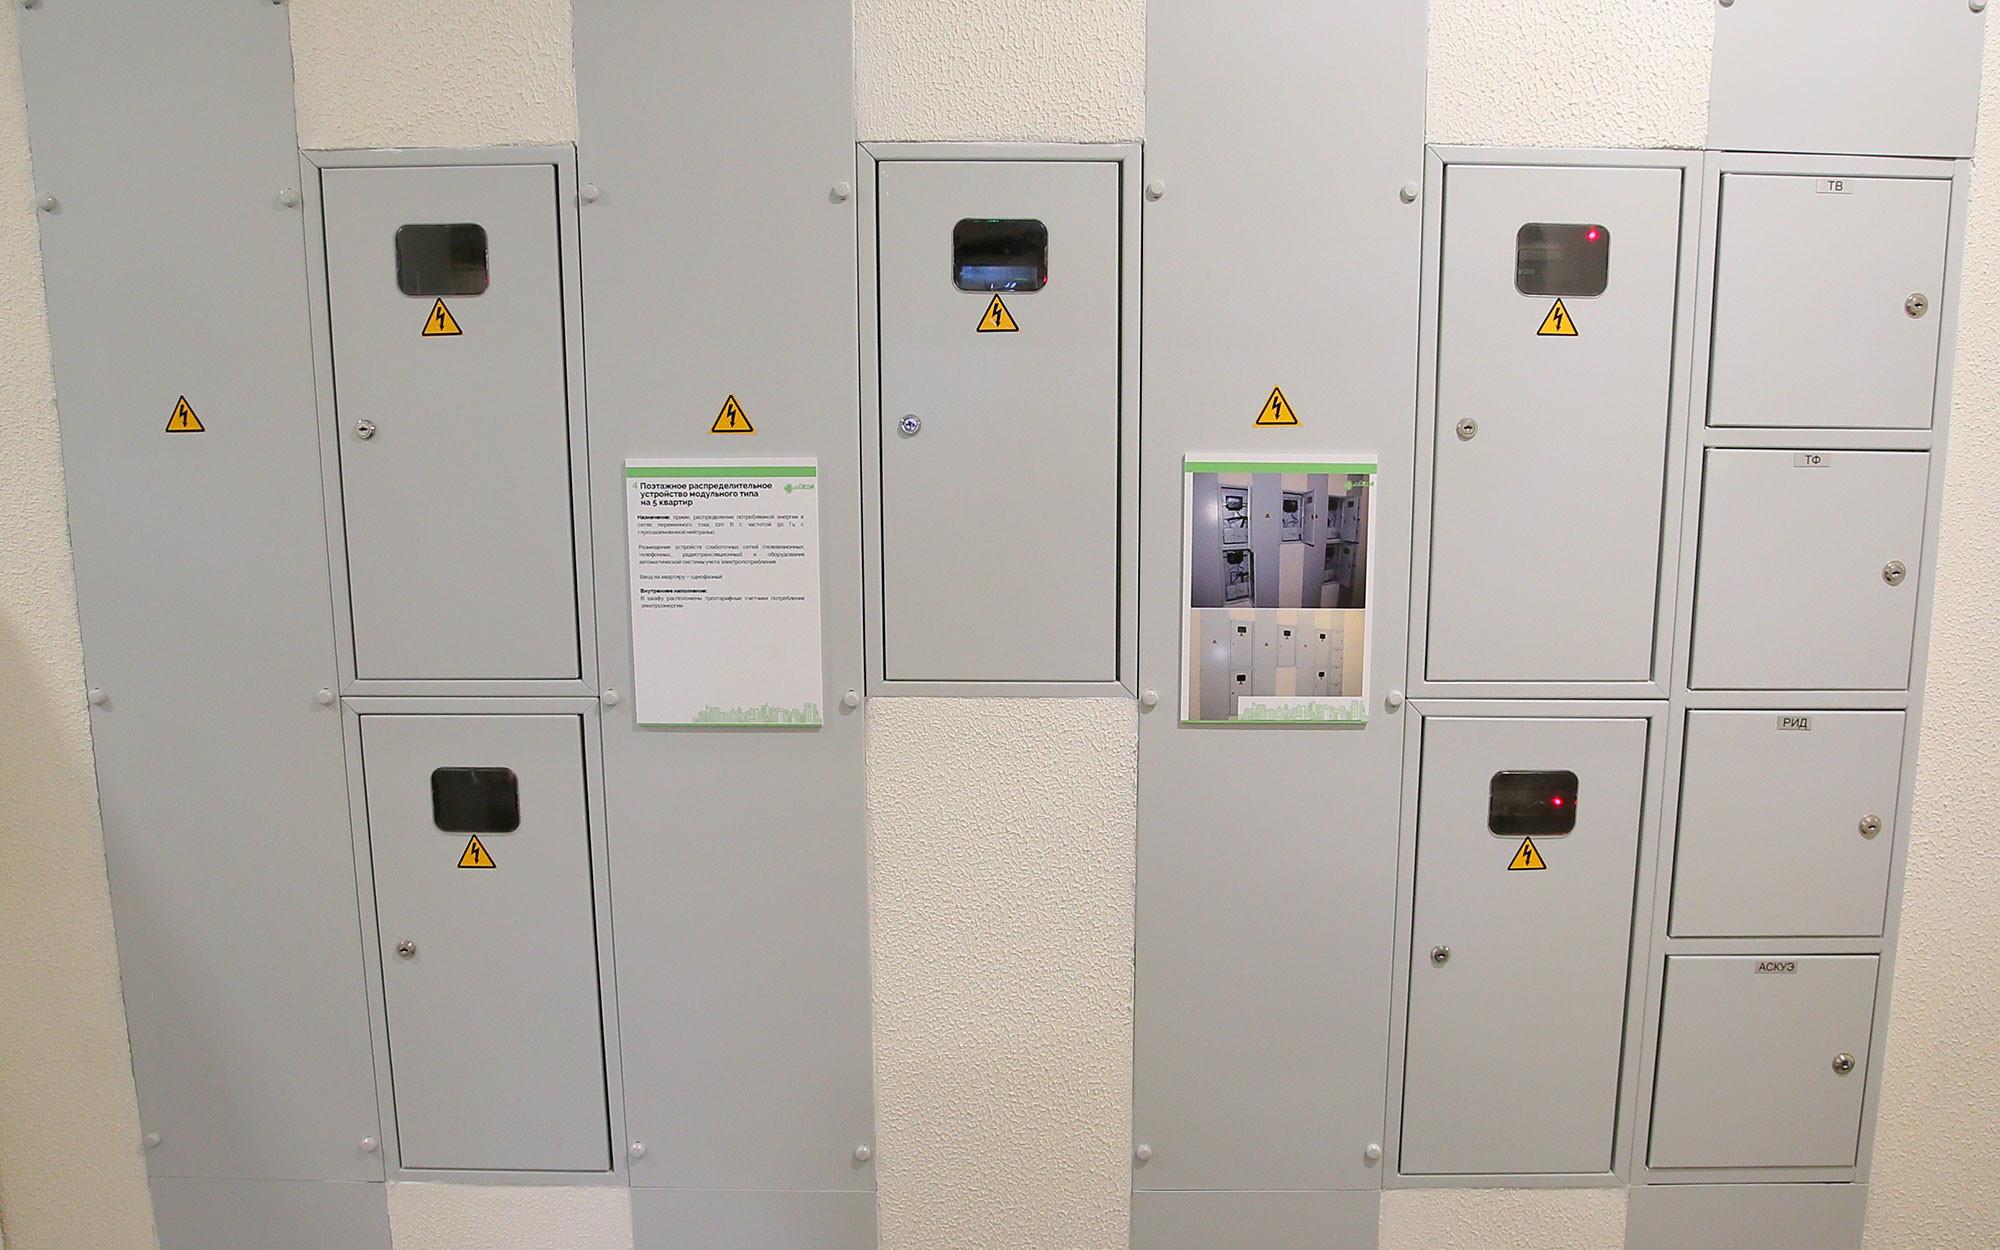 Использование алюминиевых сплавов при монтаже электропроводки позволяет застройщикам серьёзно сэкономить, при этом не потерять в качестве. Фото: © РИА Новости/Виталий Белоусов